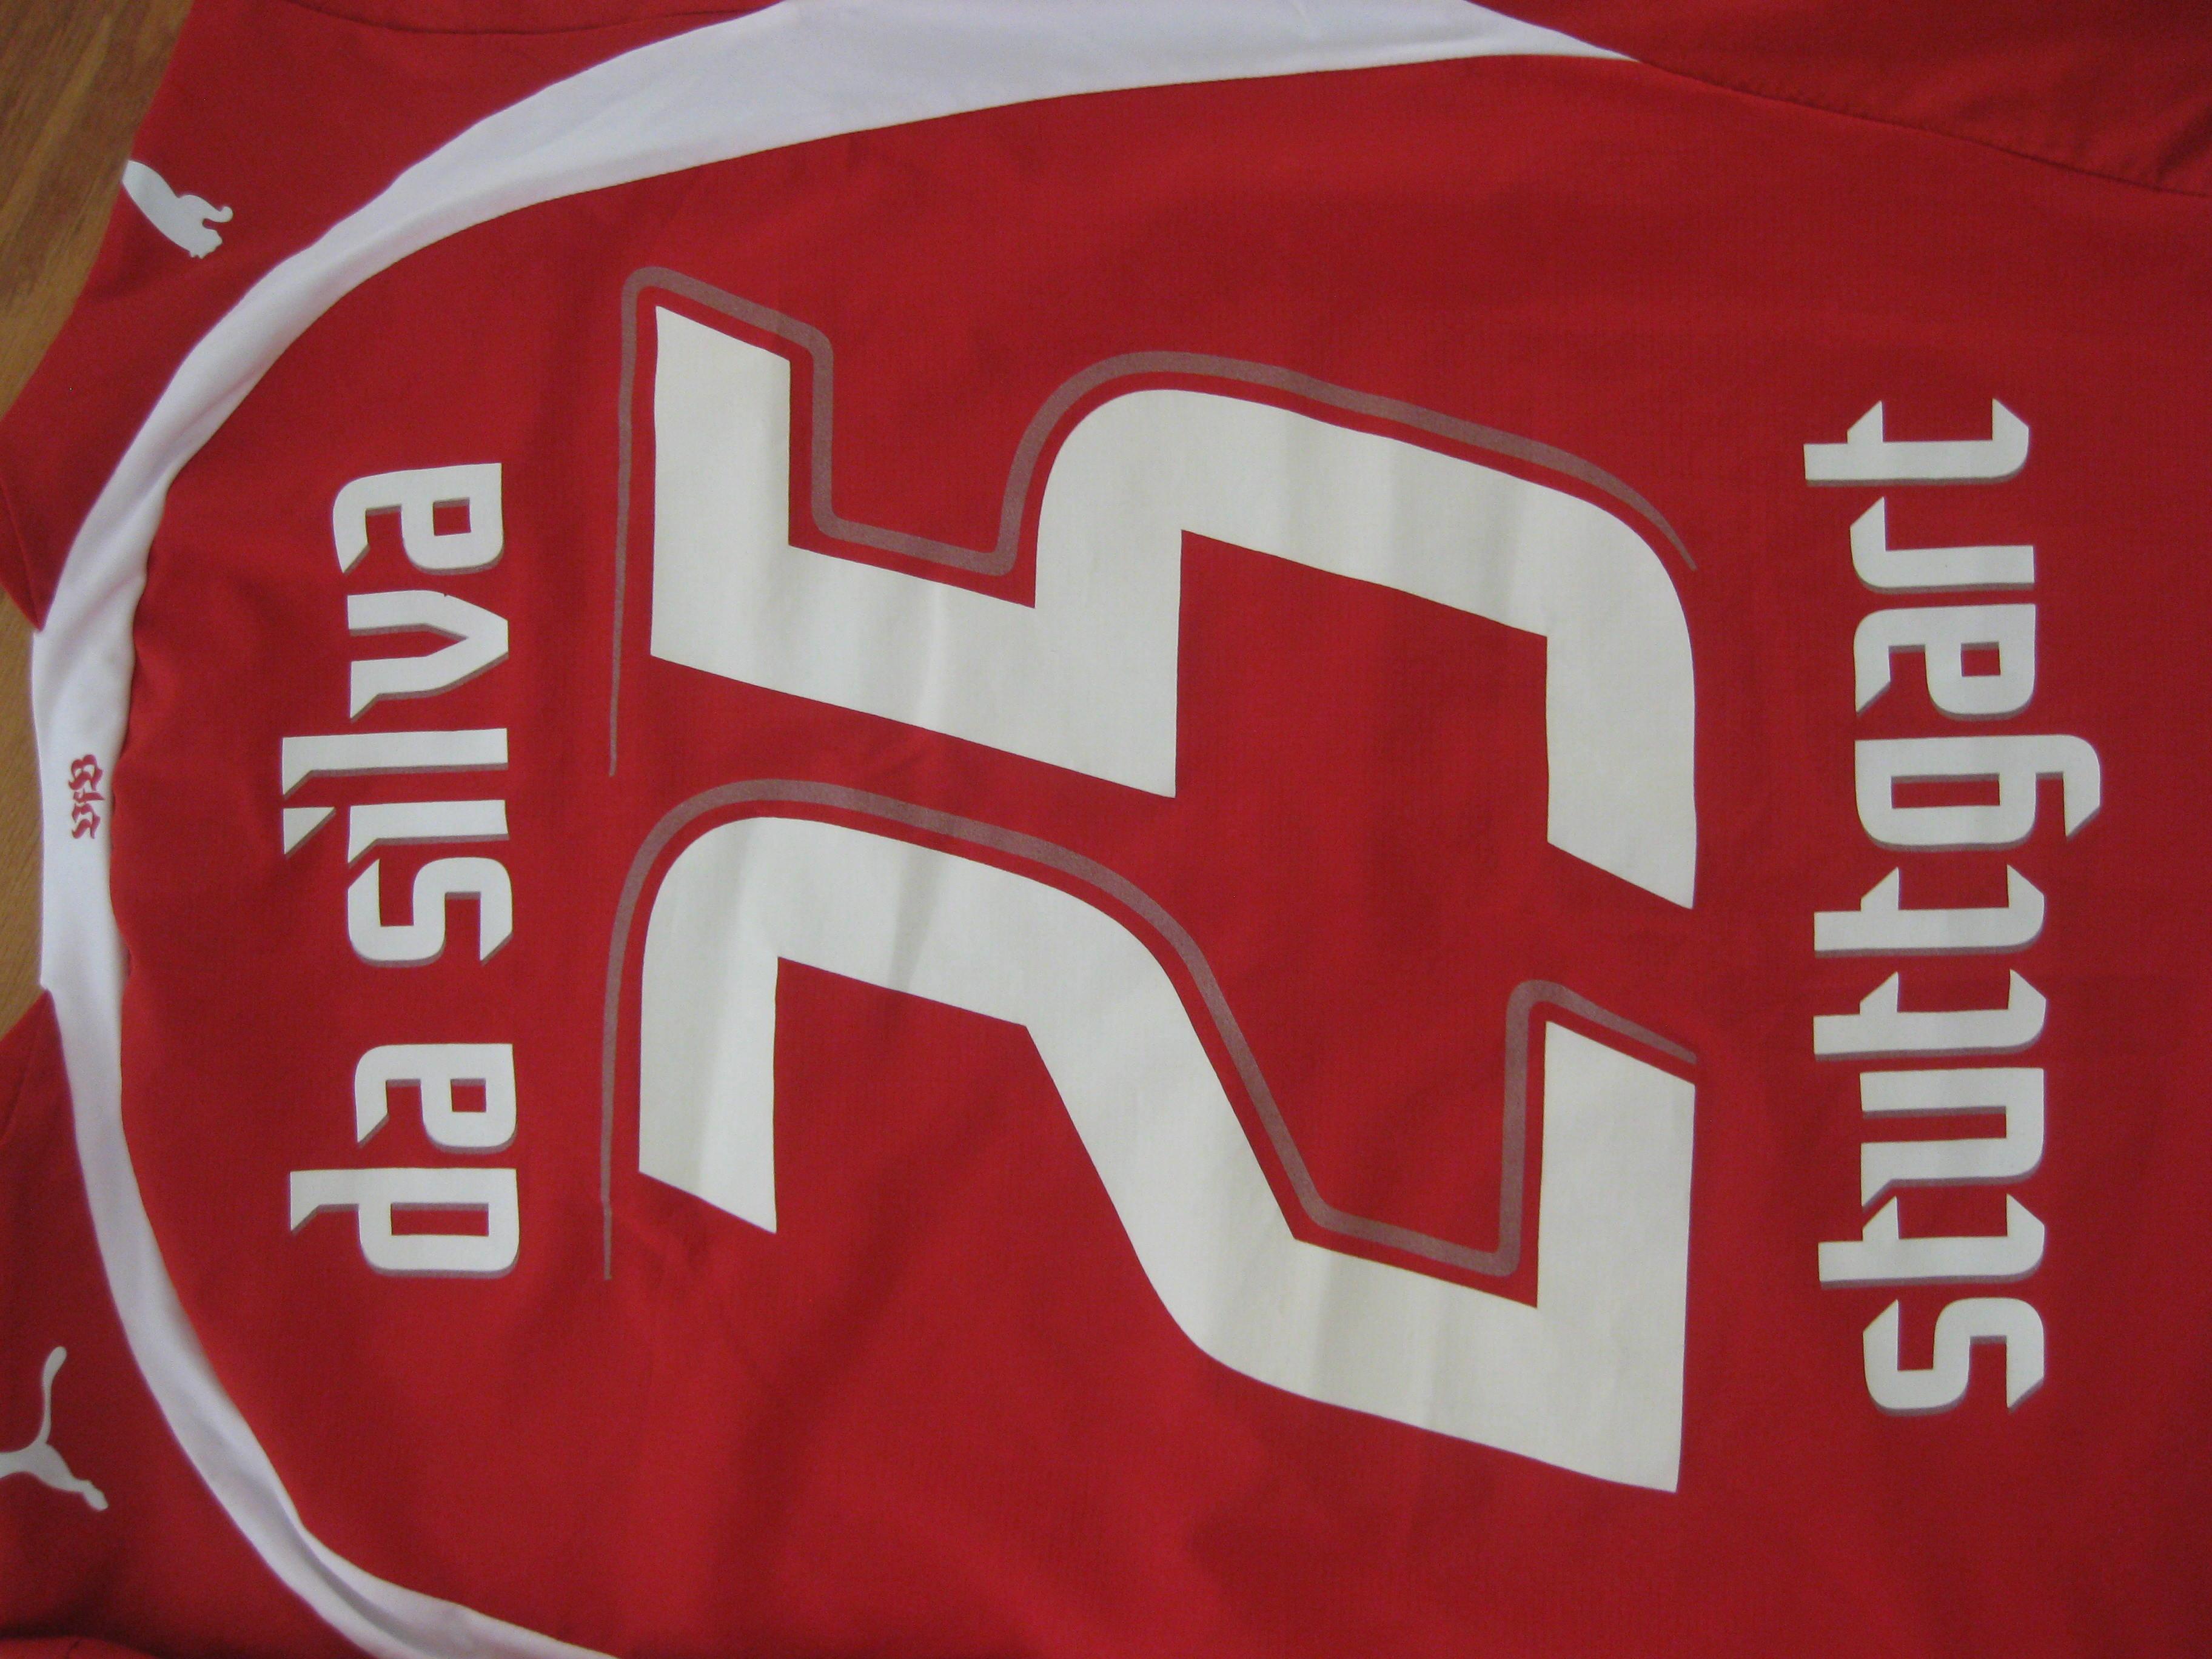 Chùm ảnh: VfB Stuttgart jersey (21)